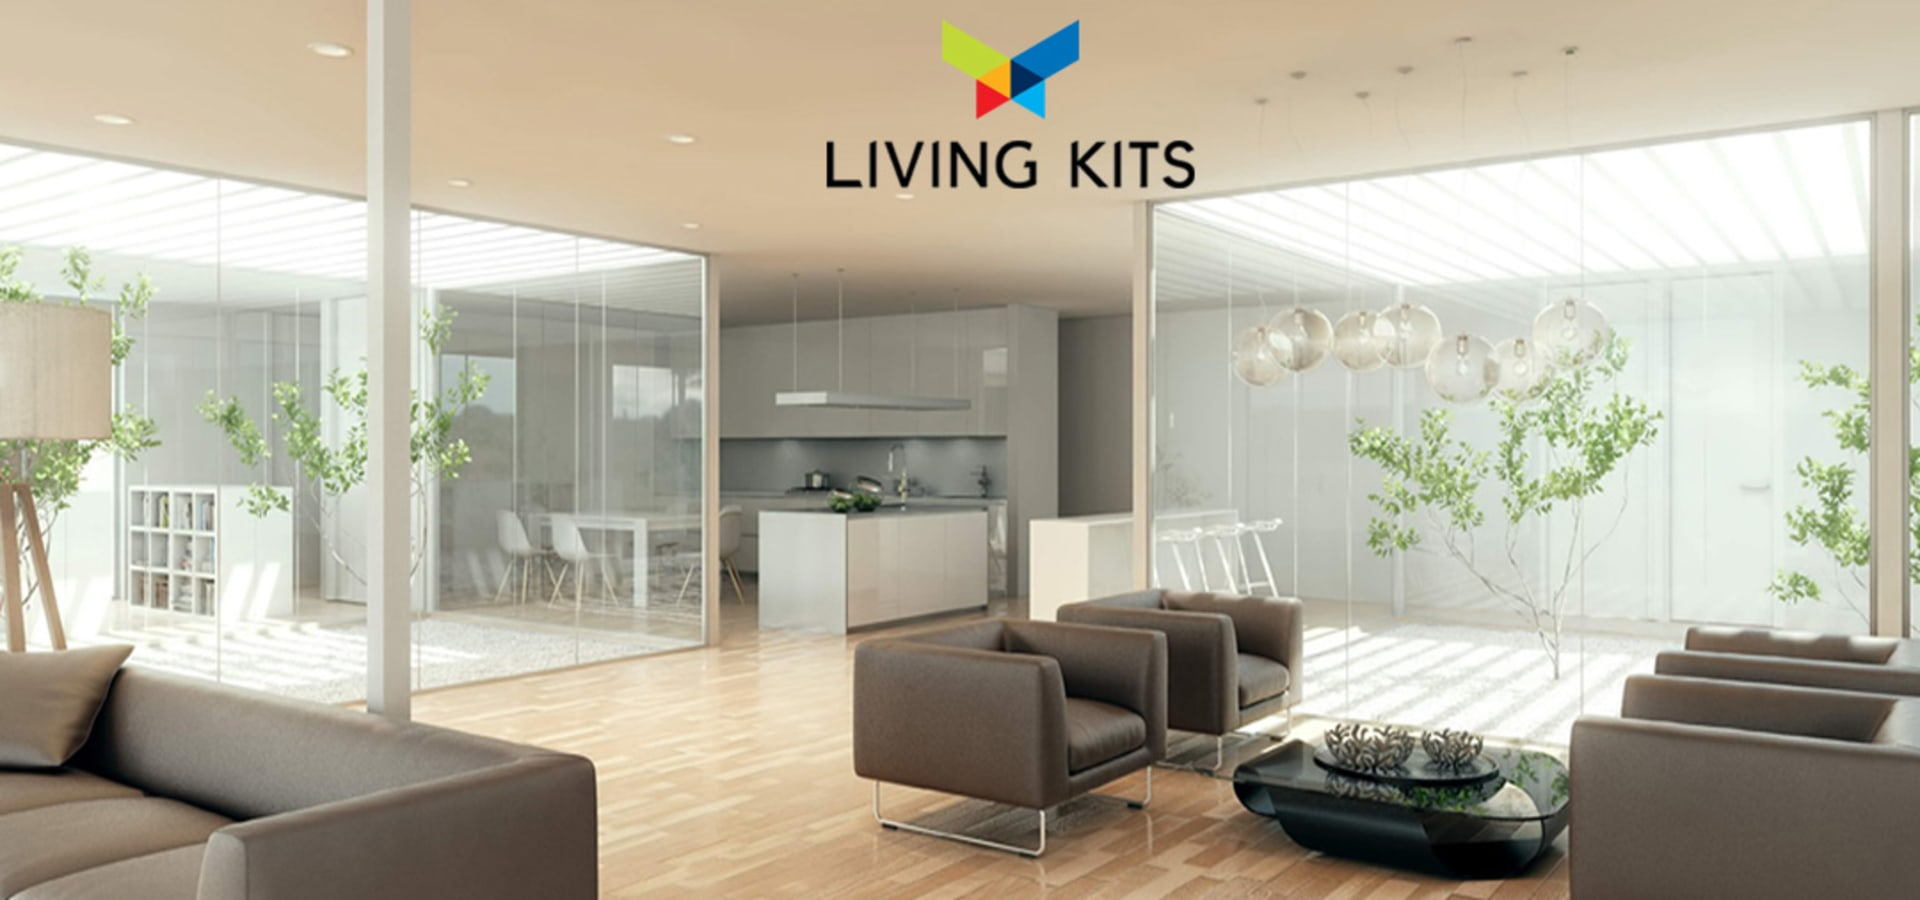 Casa zen de casas modernas living kits homify for Casas modernas estilo zen